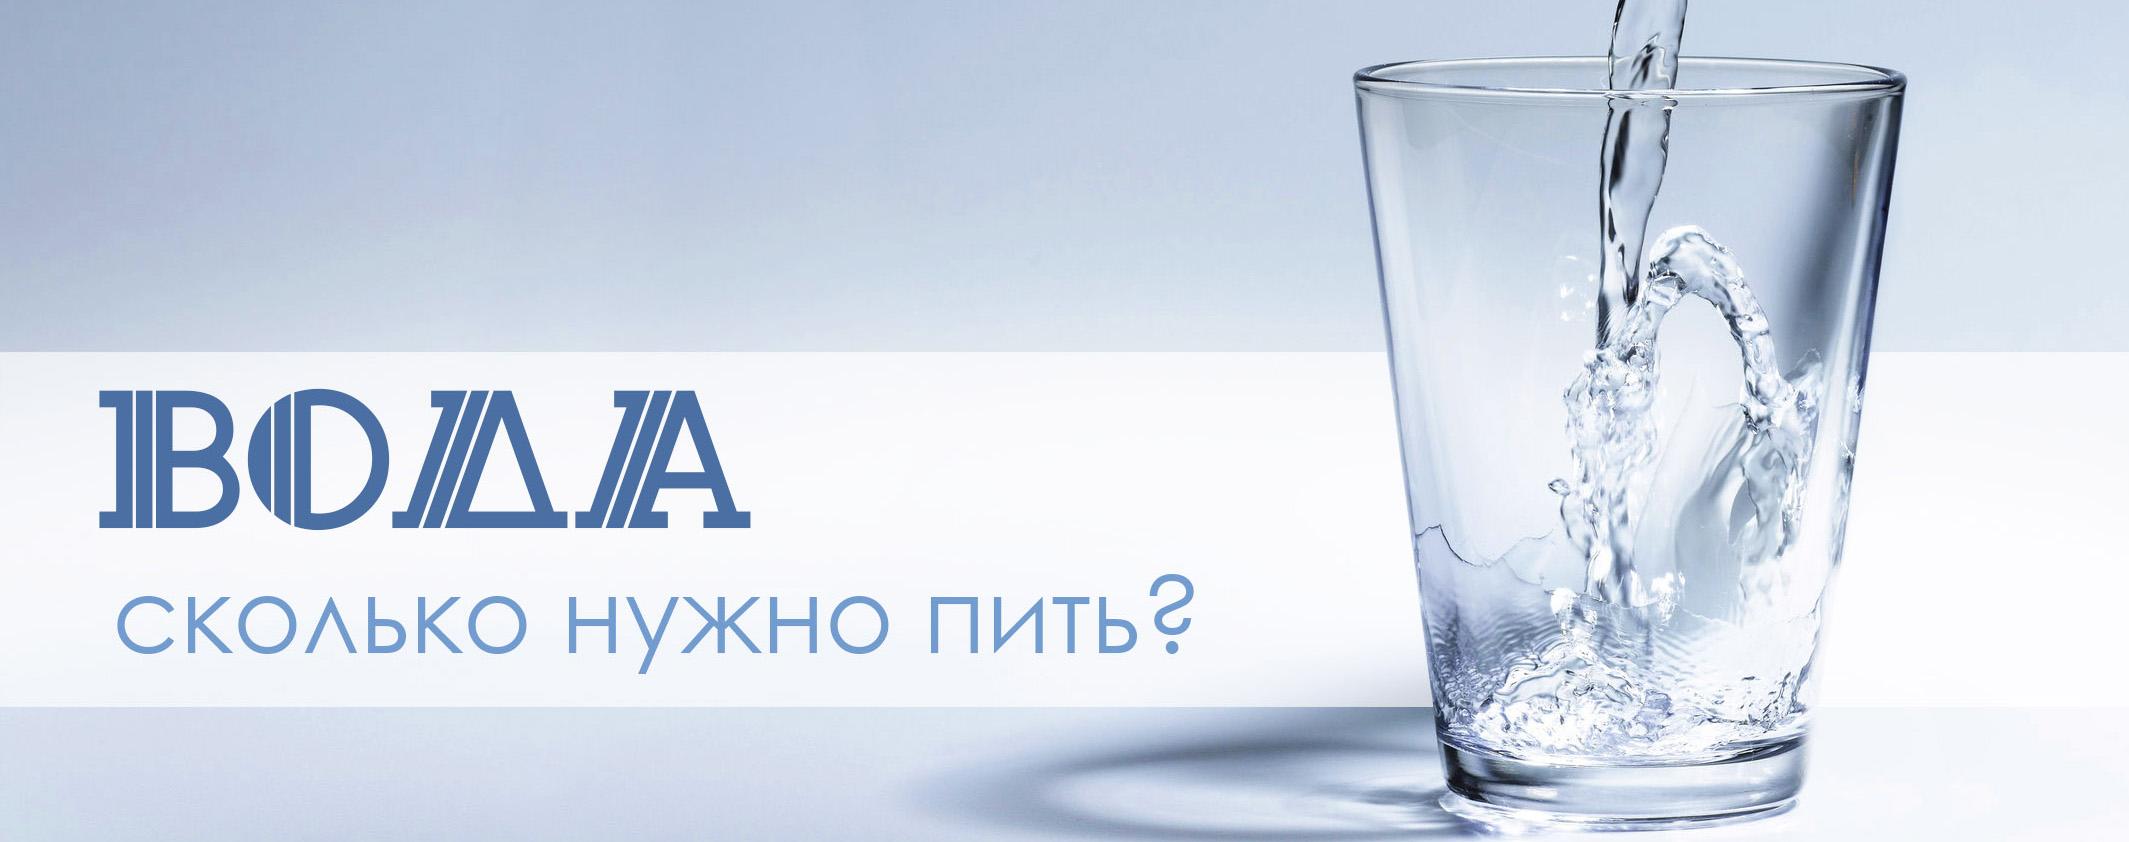 Вода. Сколько нужно пить?